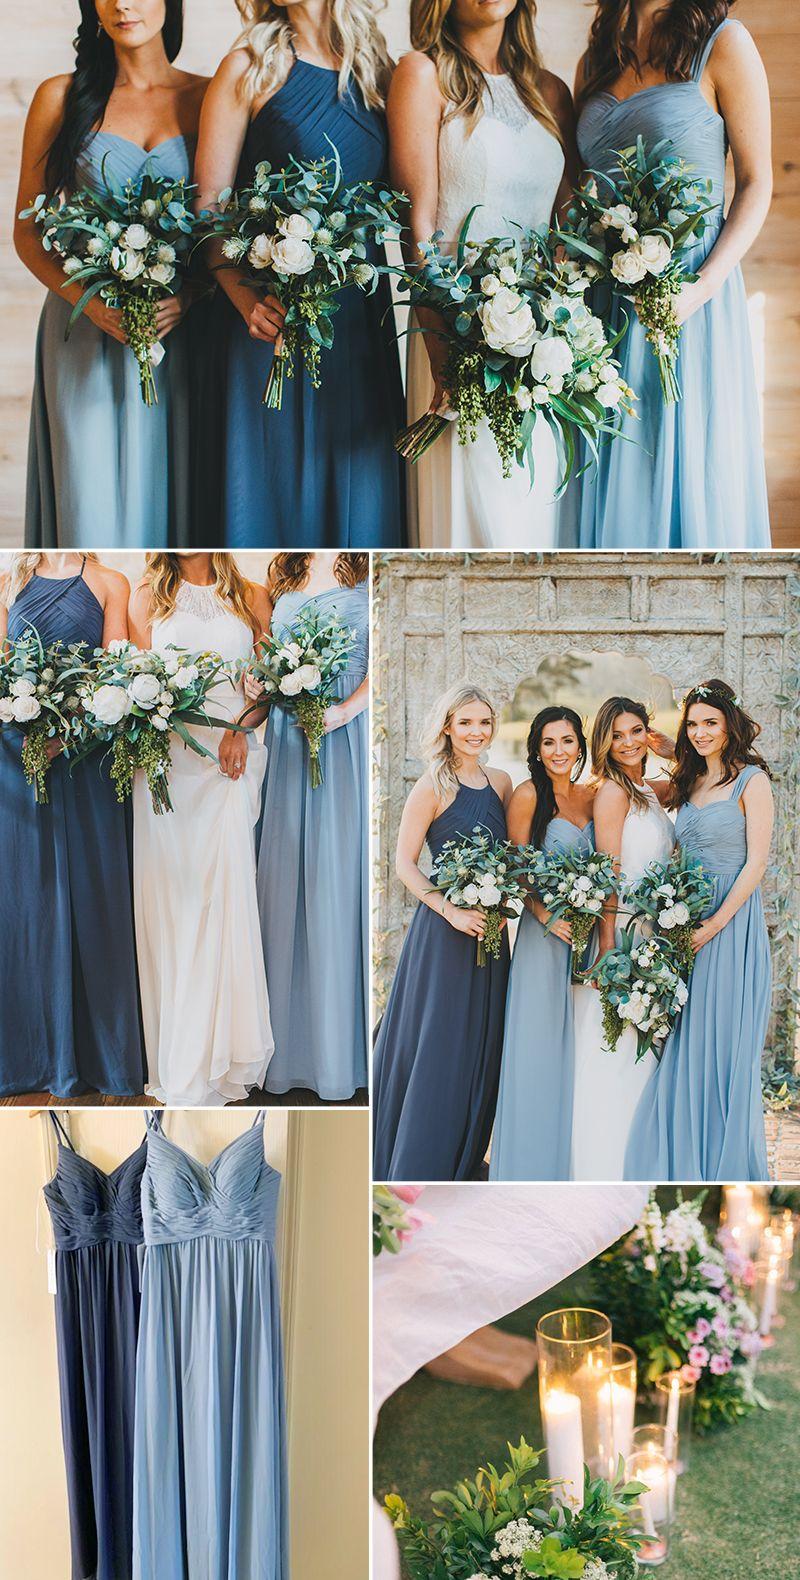 Blue Mix And Match Bridesmaid Dresses Summer Bridesmaid Dresses Dusty Blue Bridesmaid Dresses Wedding Bridesmaid Dresses [ 1580 x 800 Pixel ]